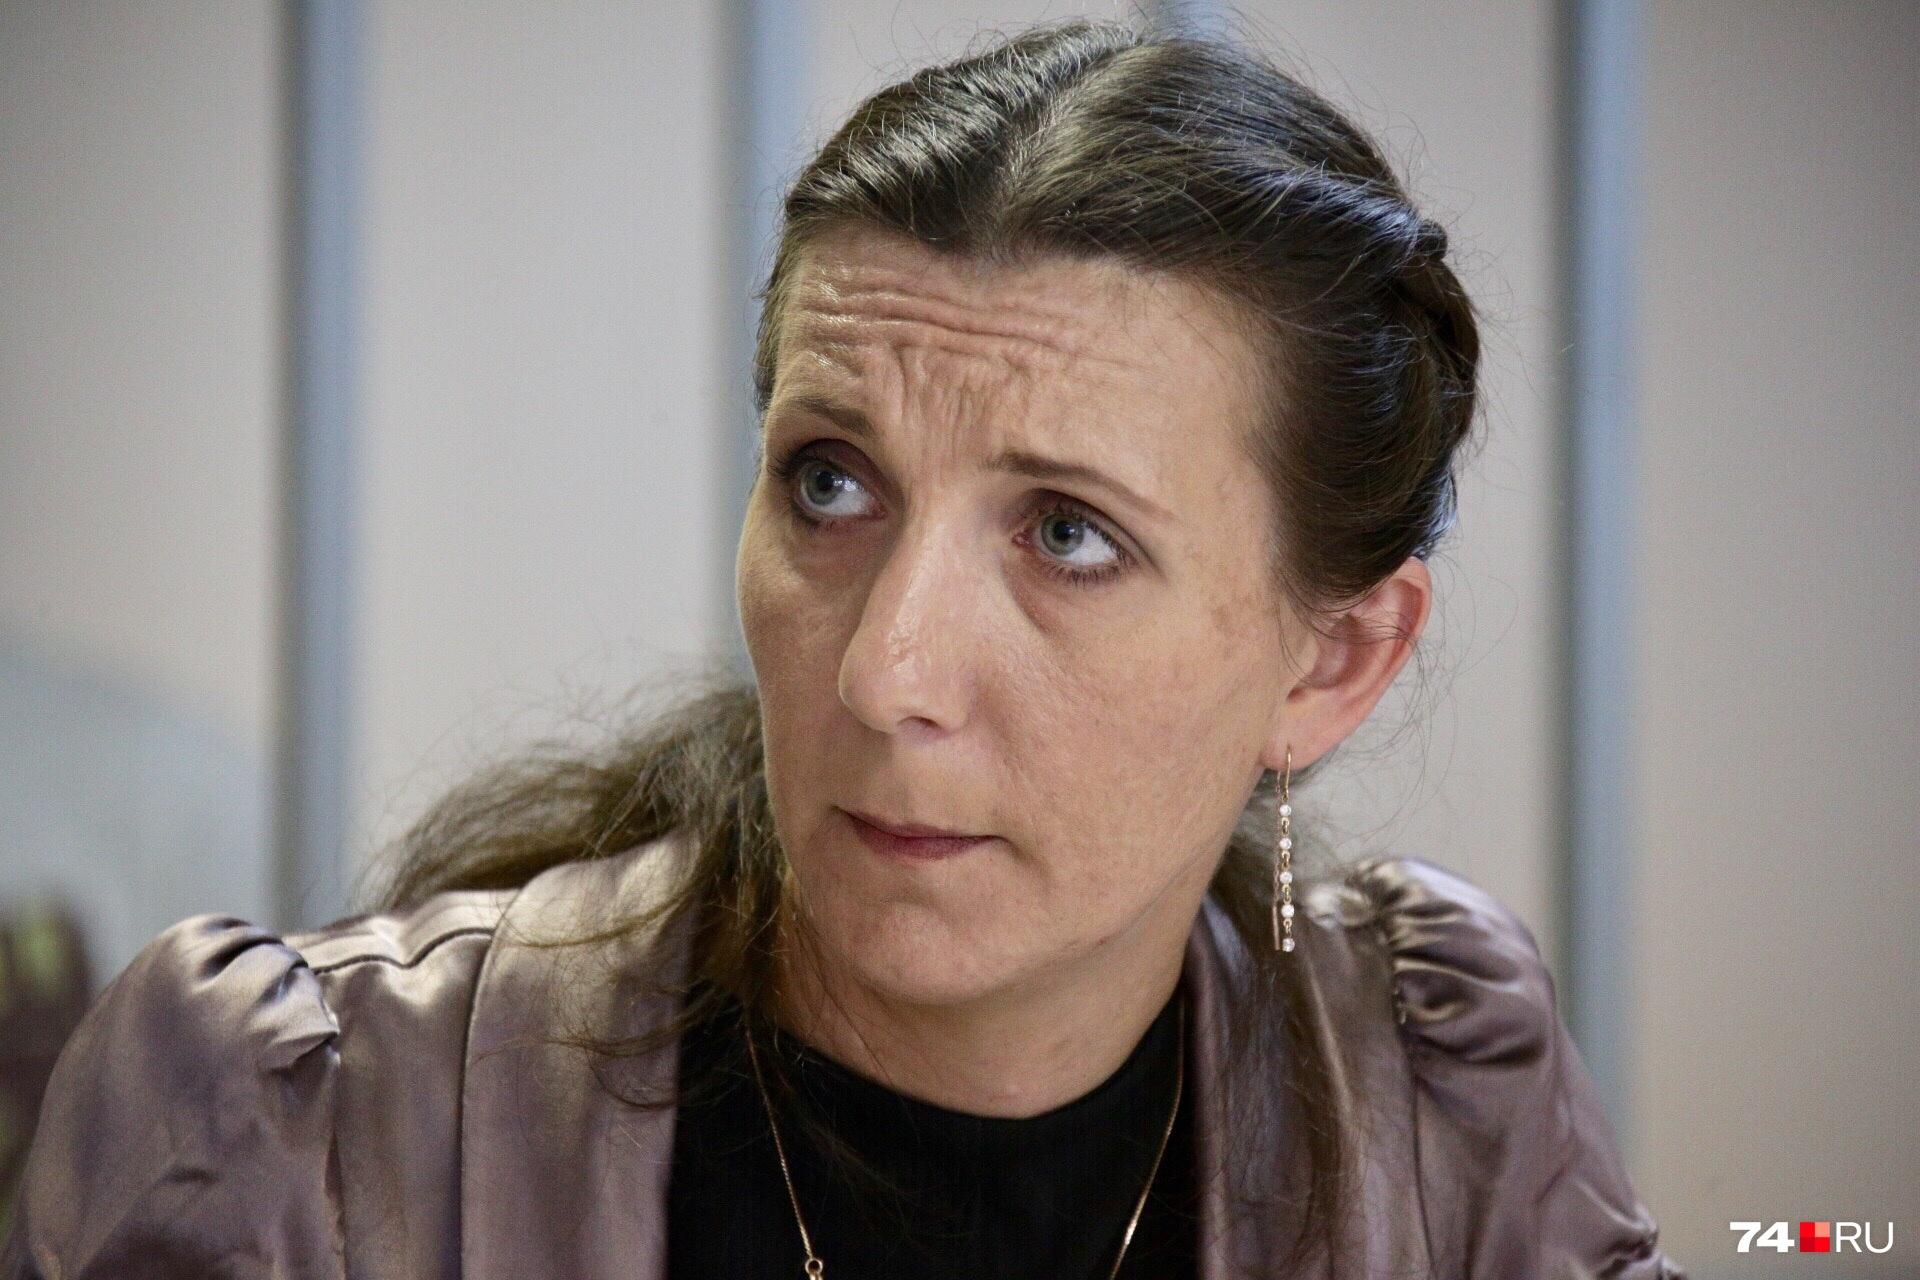 Адвокат Коновалова просила всех участников процесса охарактеризовать отношения Ольги и Антона